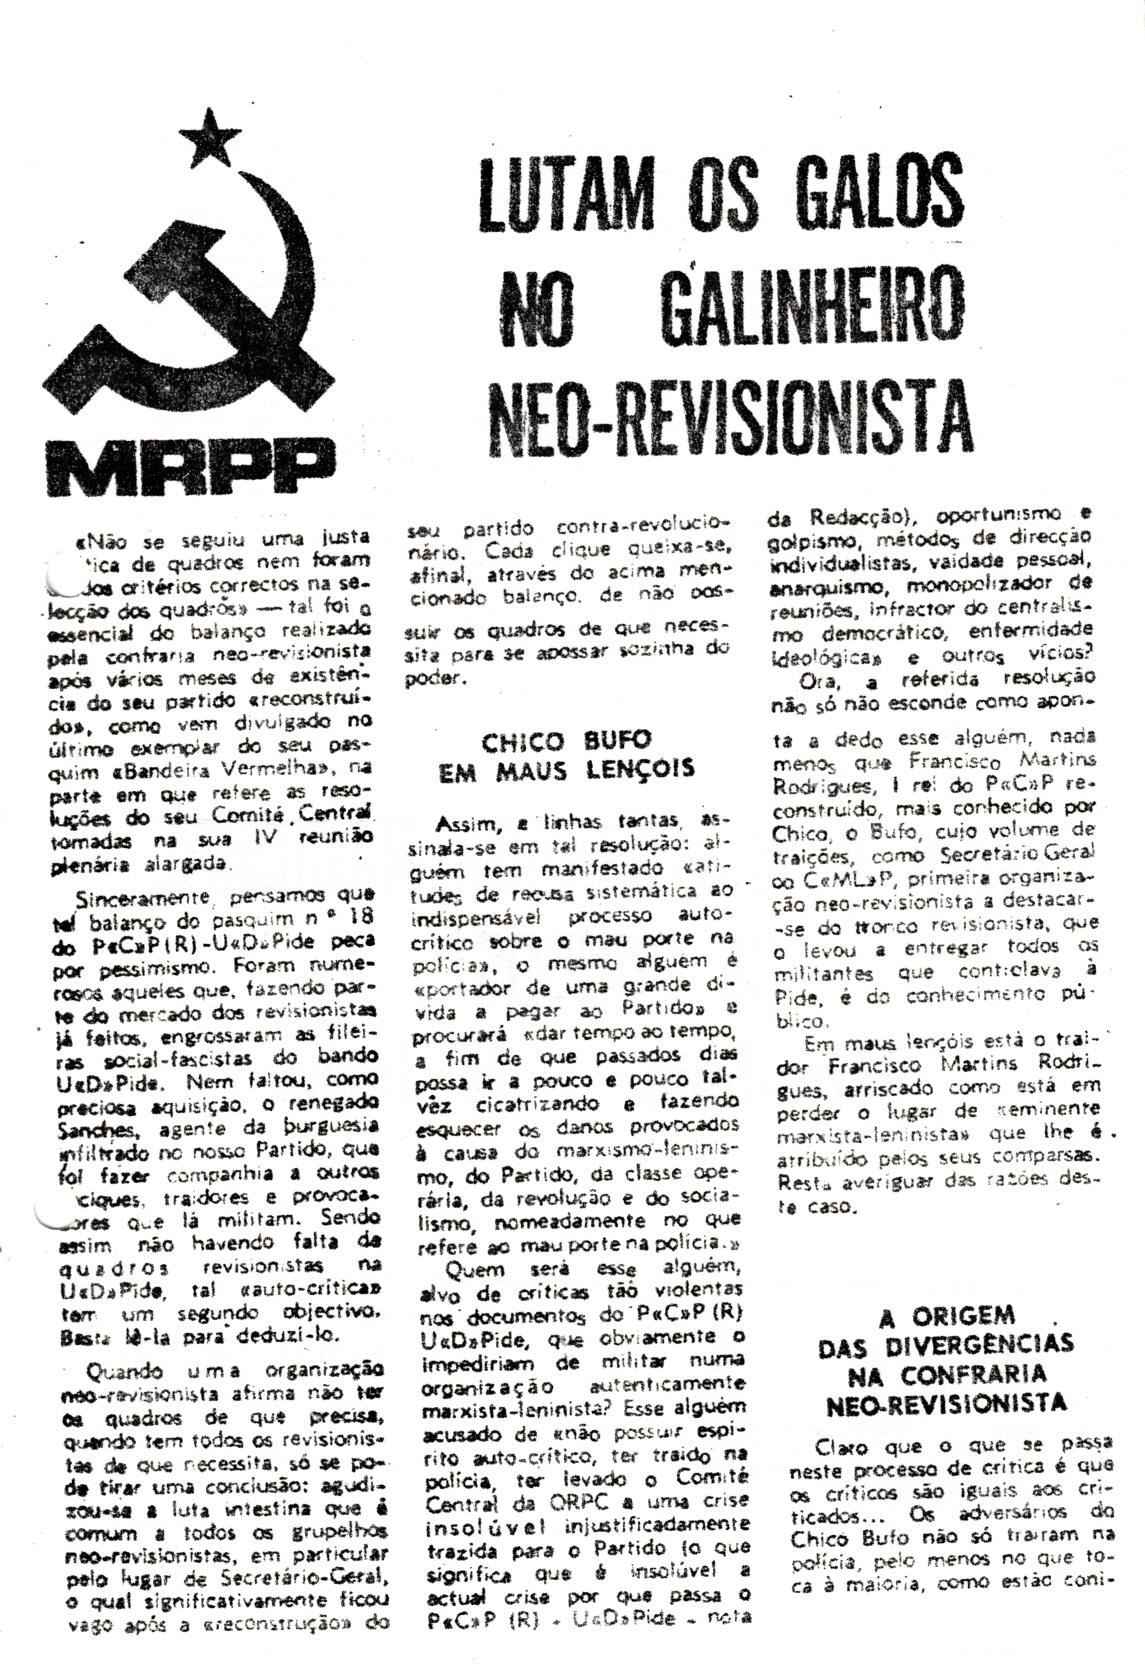 MRPP_1976_05_26_0001